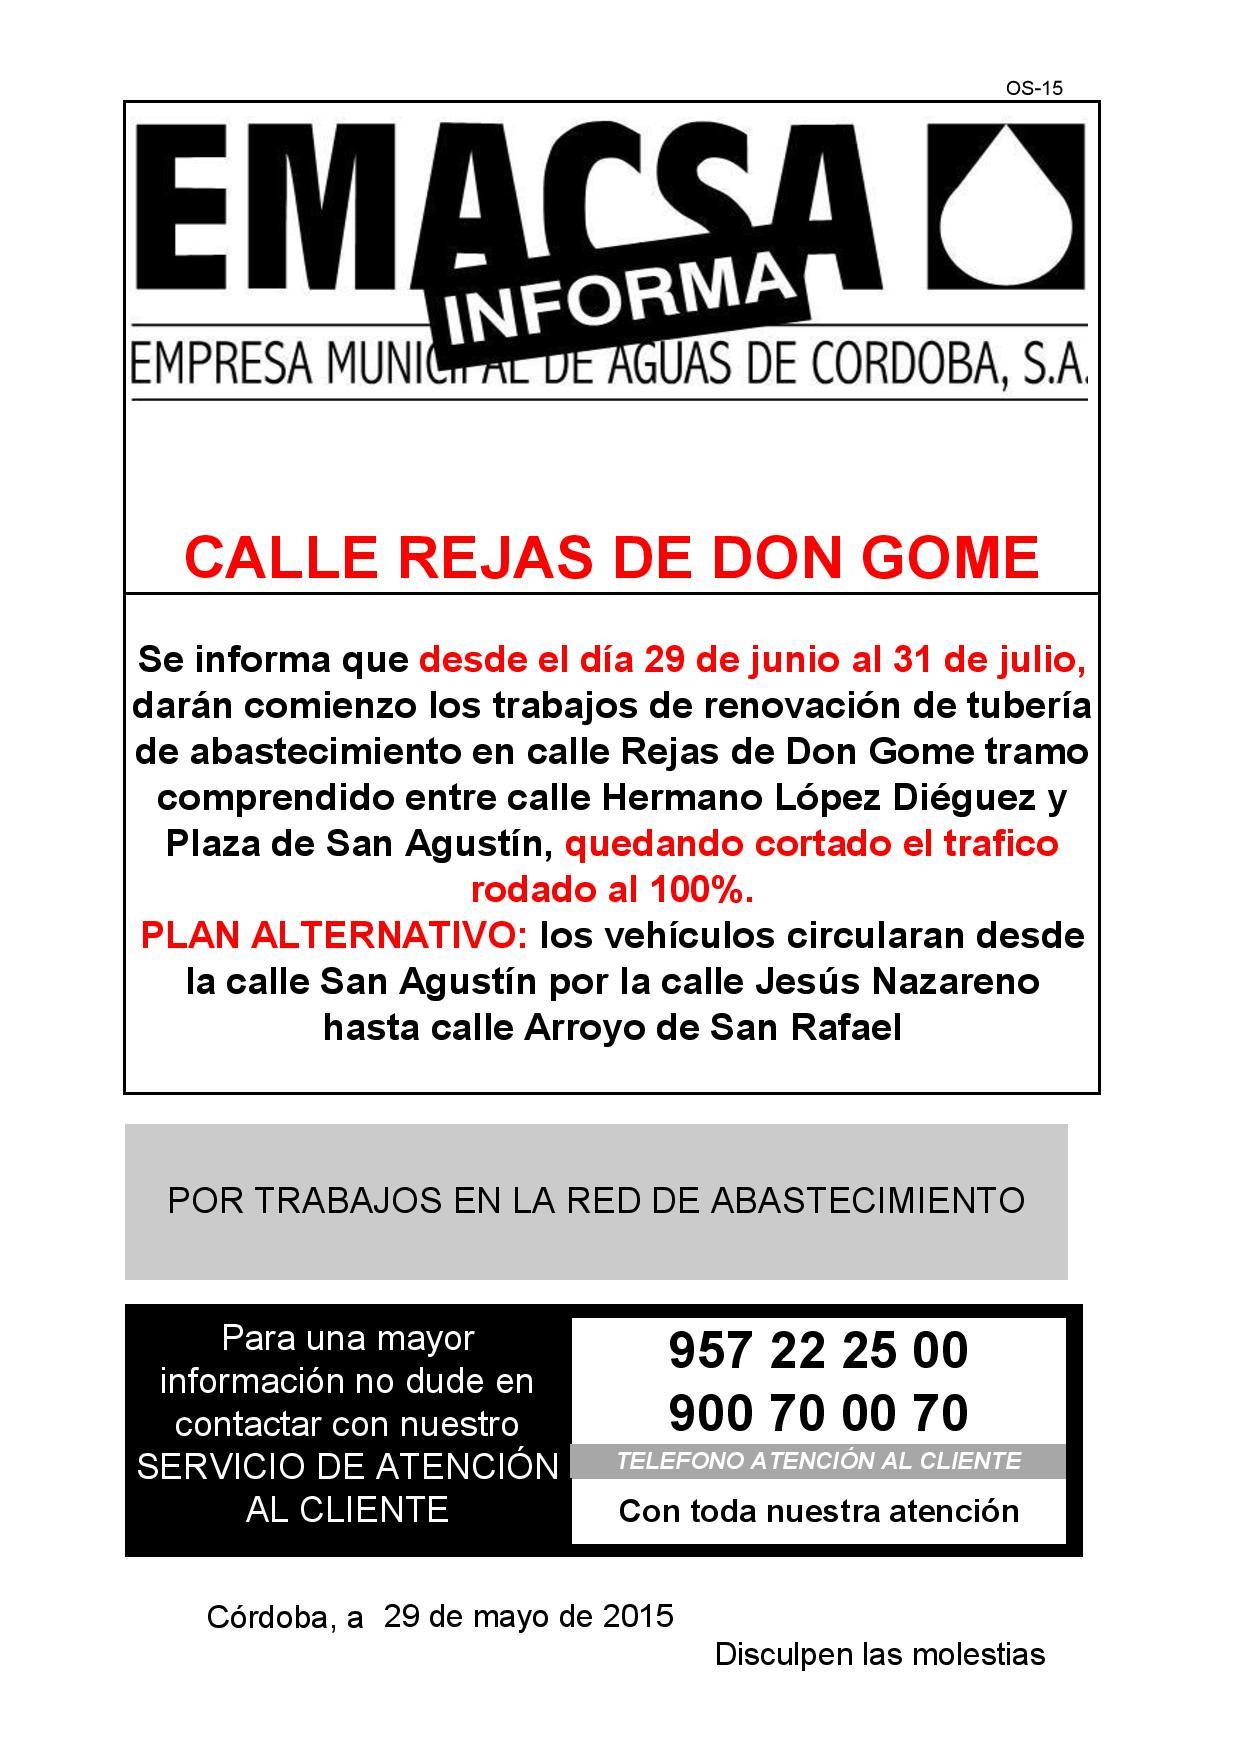 REJAS DE DON GOME